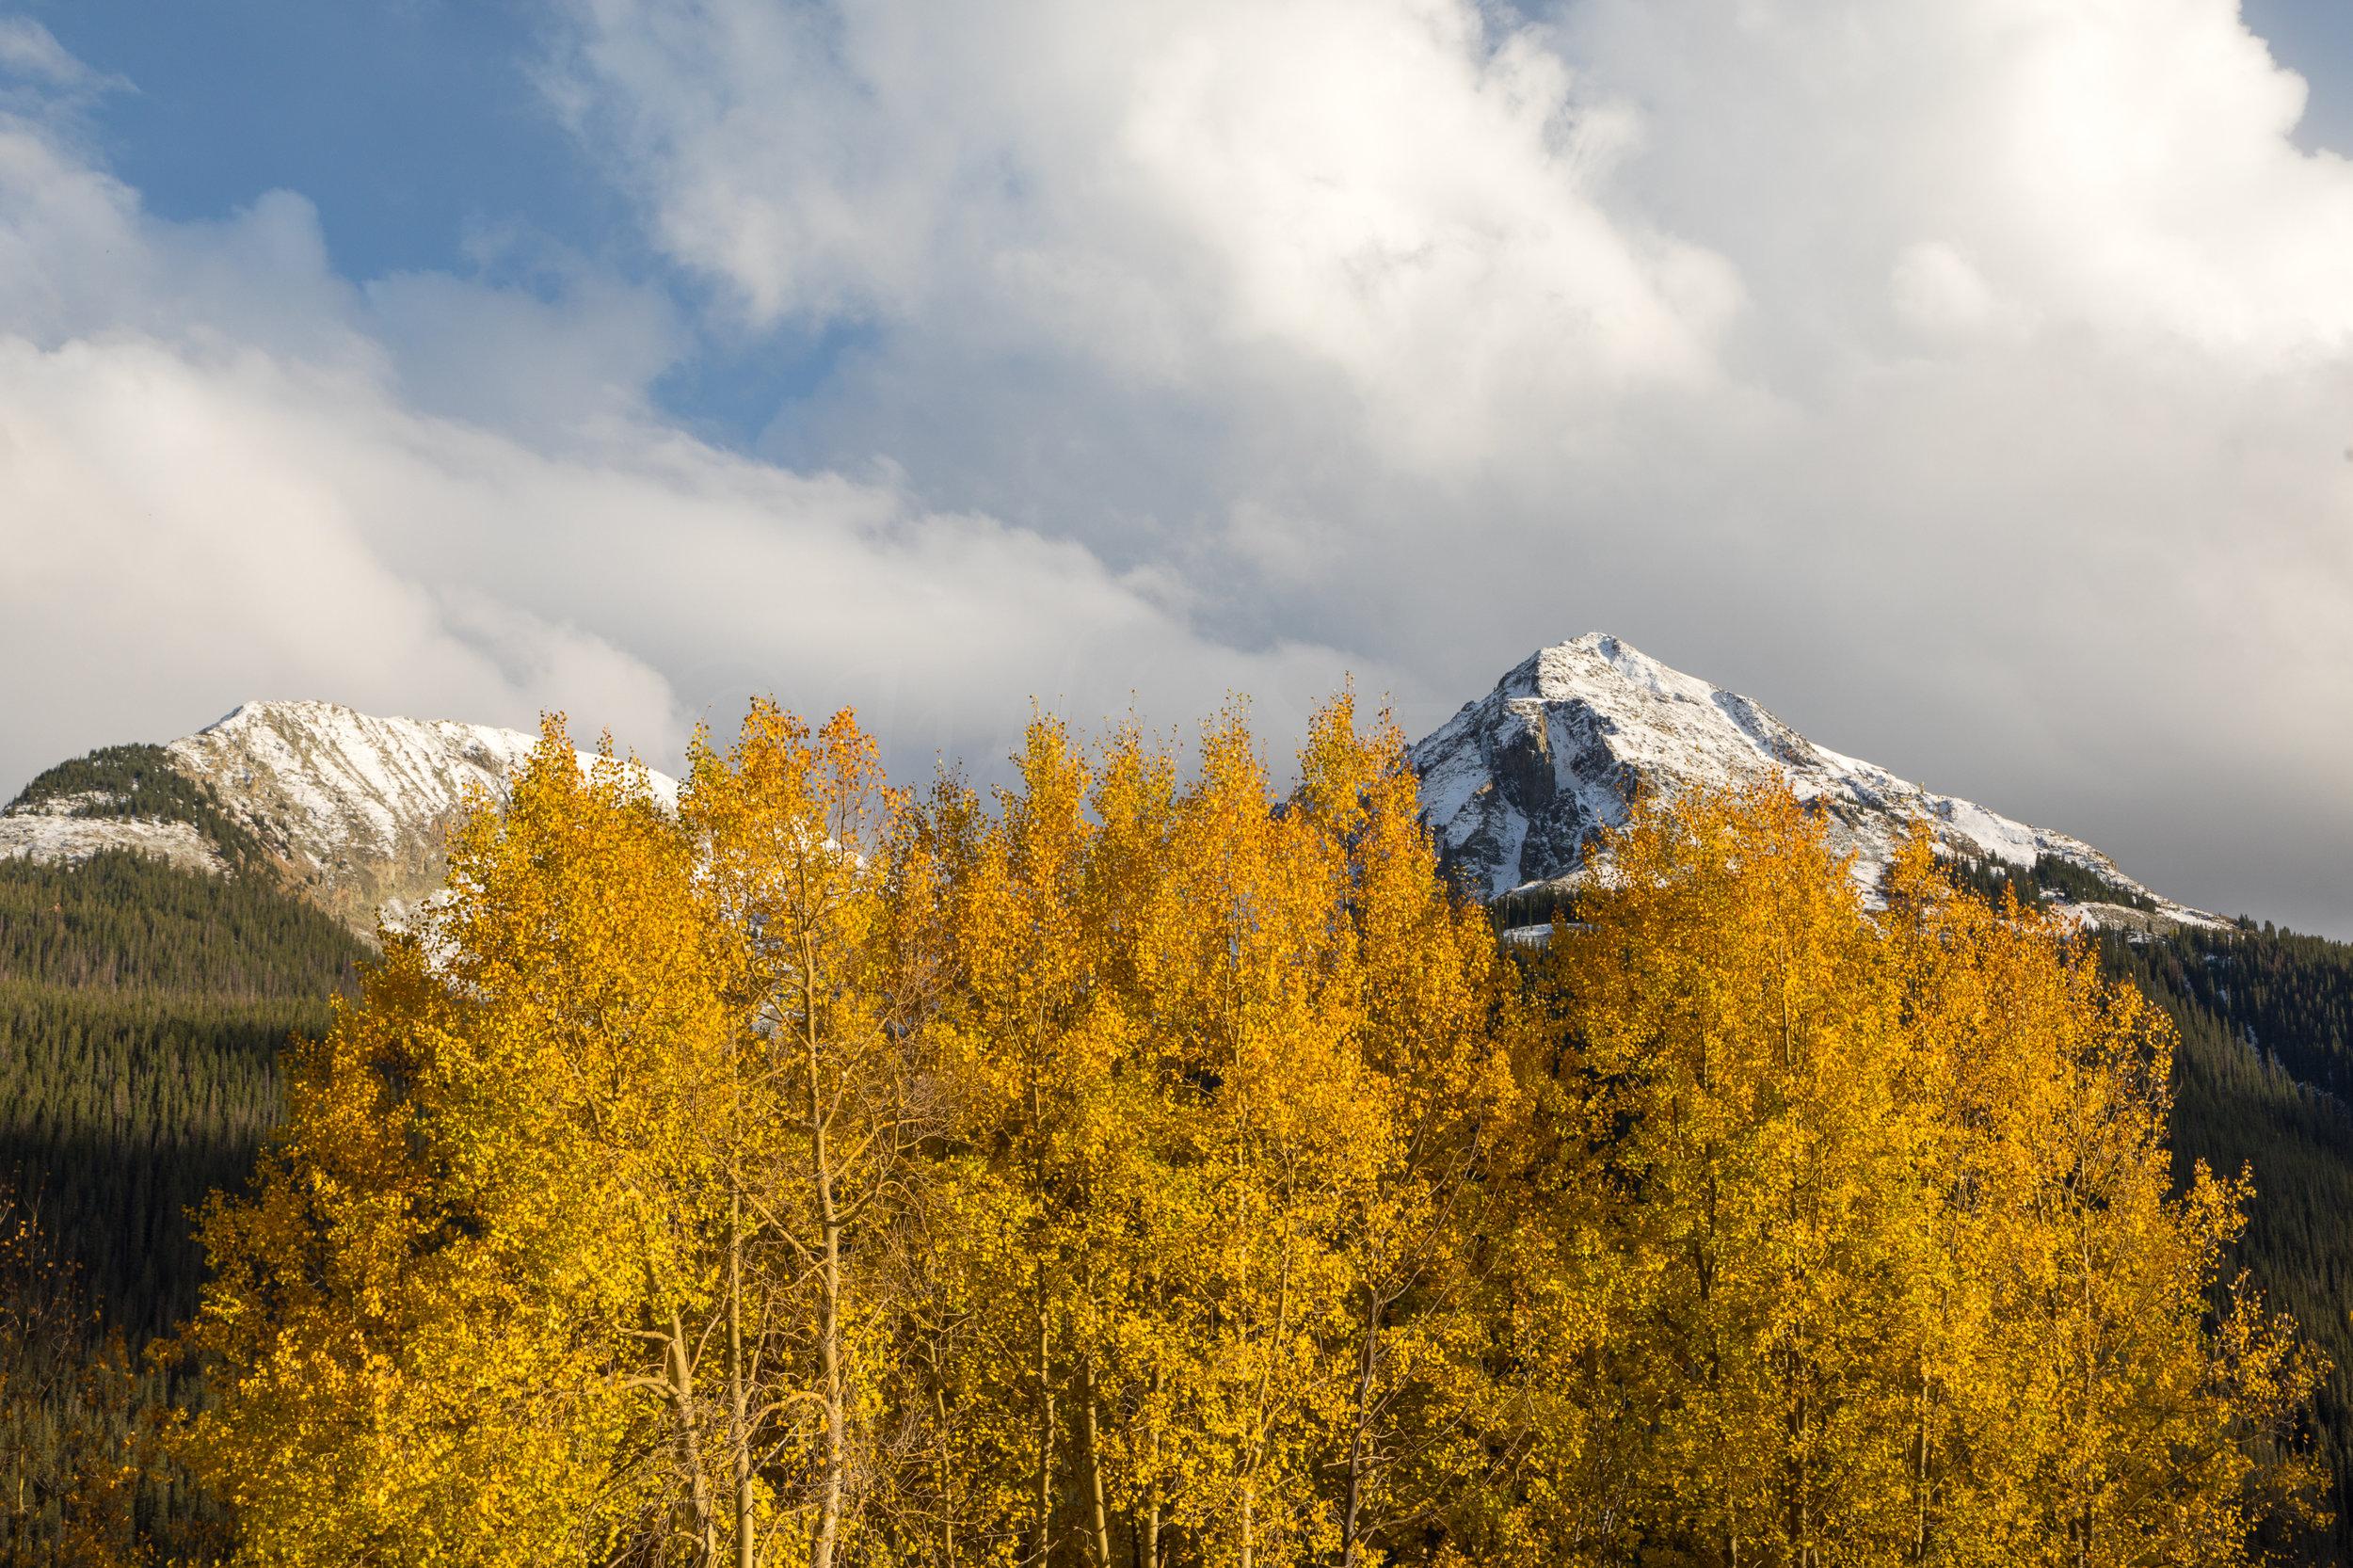 Silverton, Colorado, Image # 8768